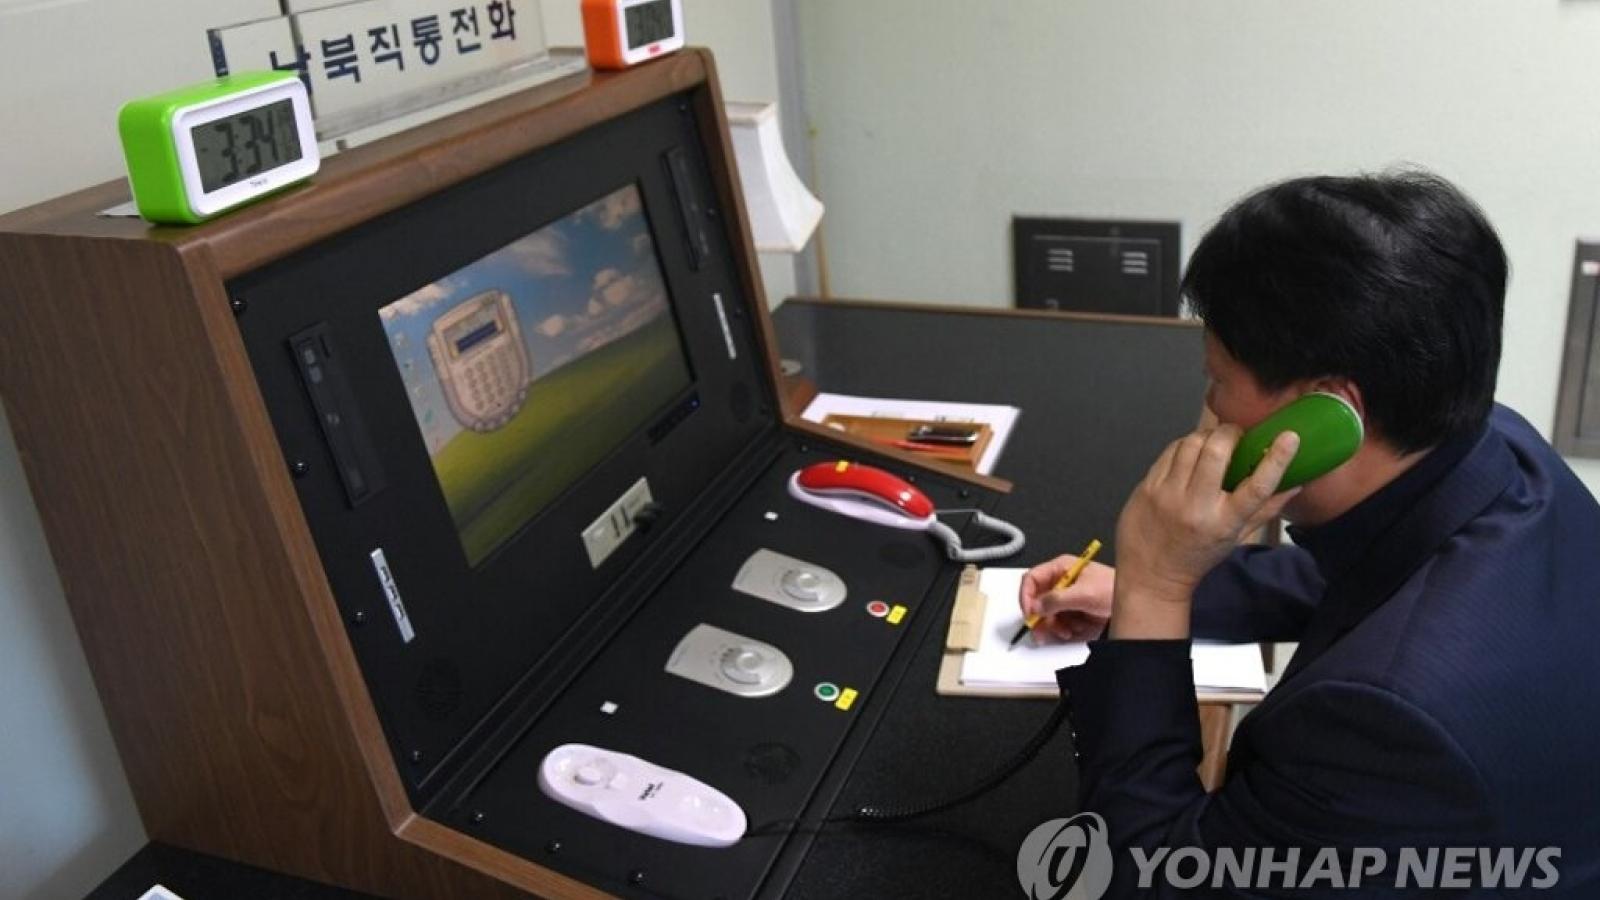 Hàn Quốc và Triều Tiên nối lại đường dây nóng liên lạc